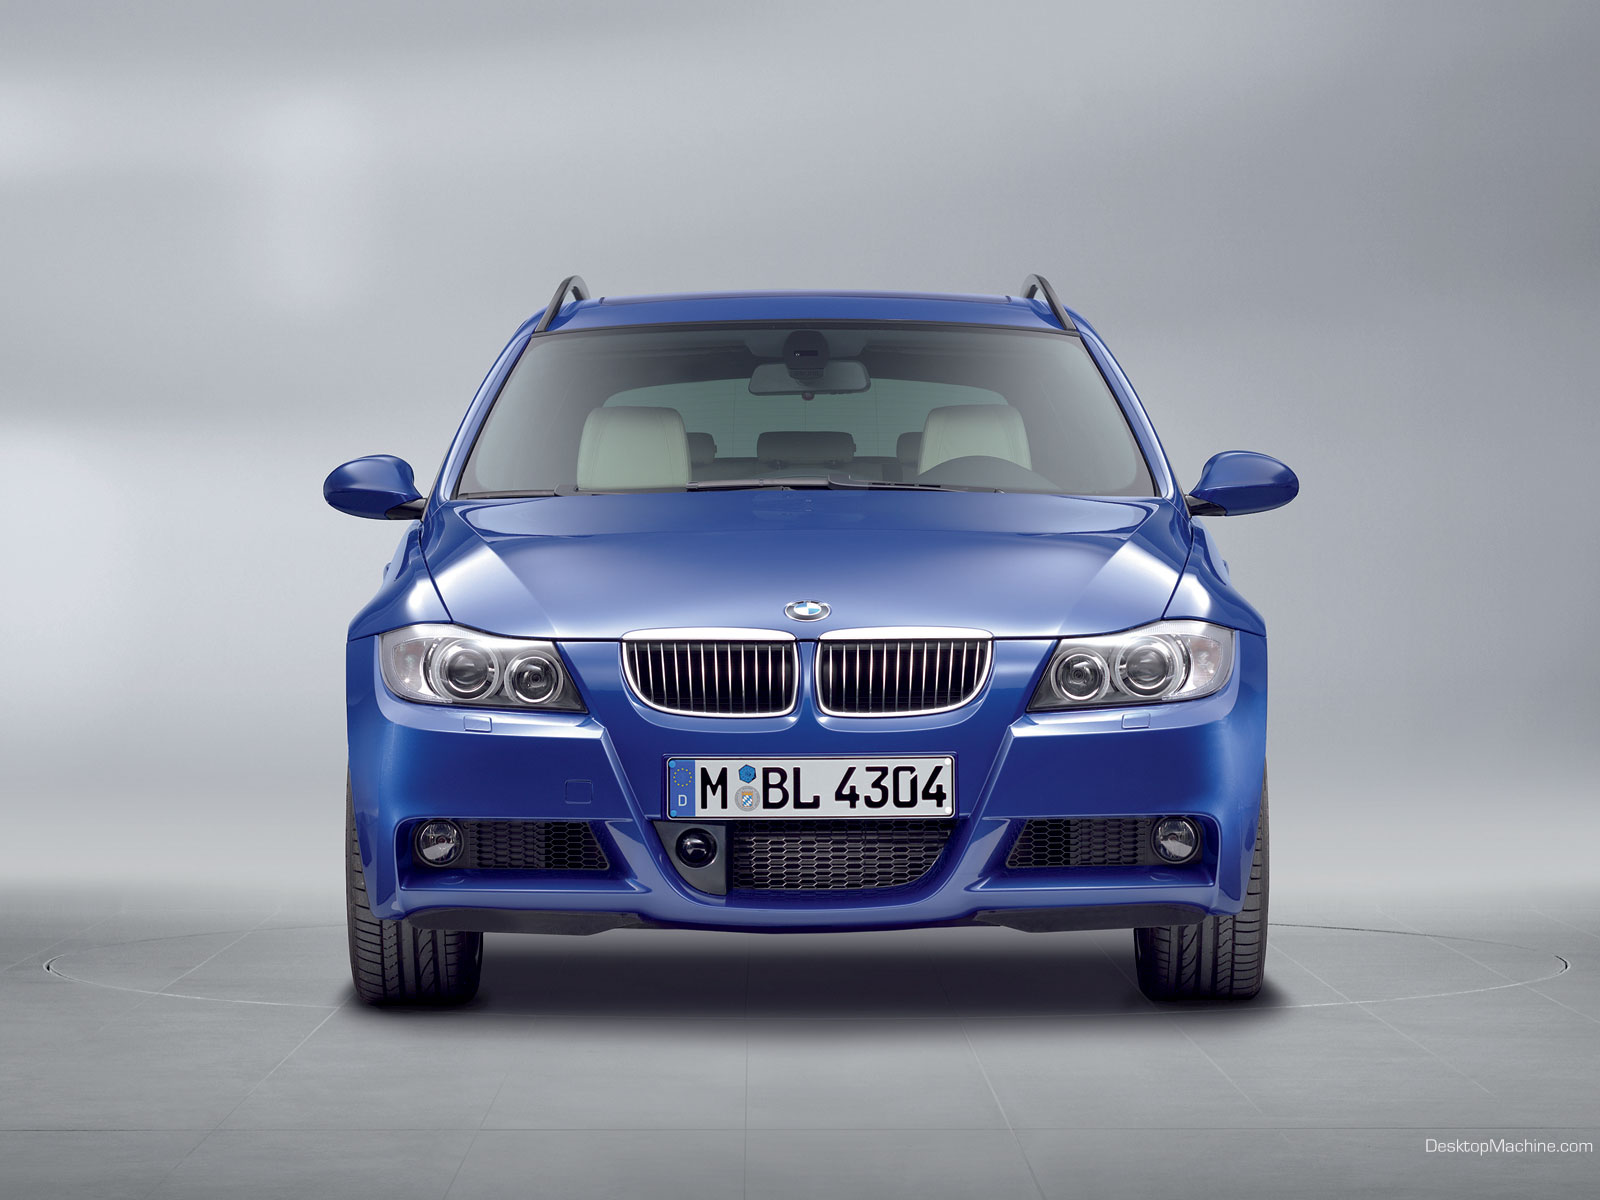 http://3.bp.blogspot.com/-ZSiWU-4MPt0/TVwmQVvUwYI/AAAAAAAAAZg/UiiLnXQNjKM/s1600/BMW_130i_339-1600.jpg